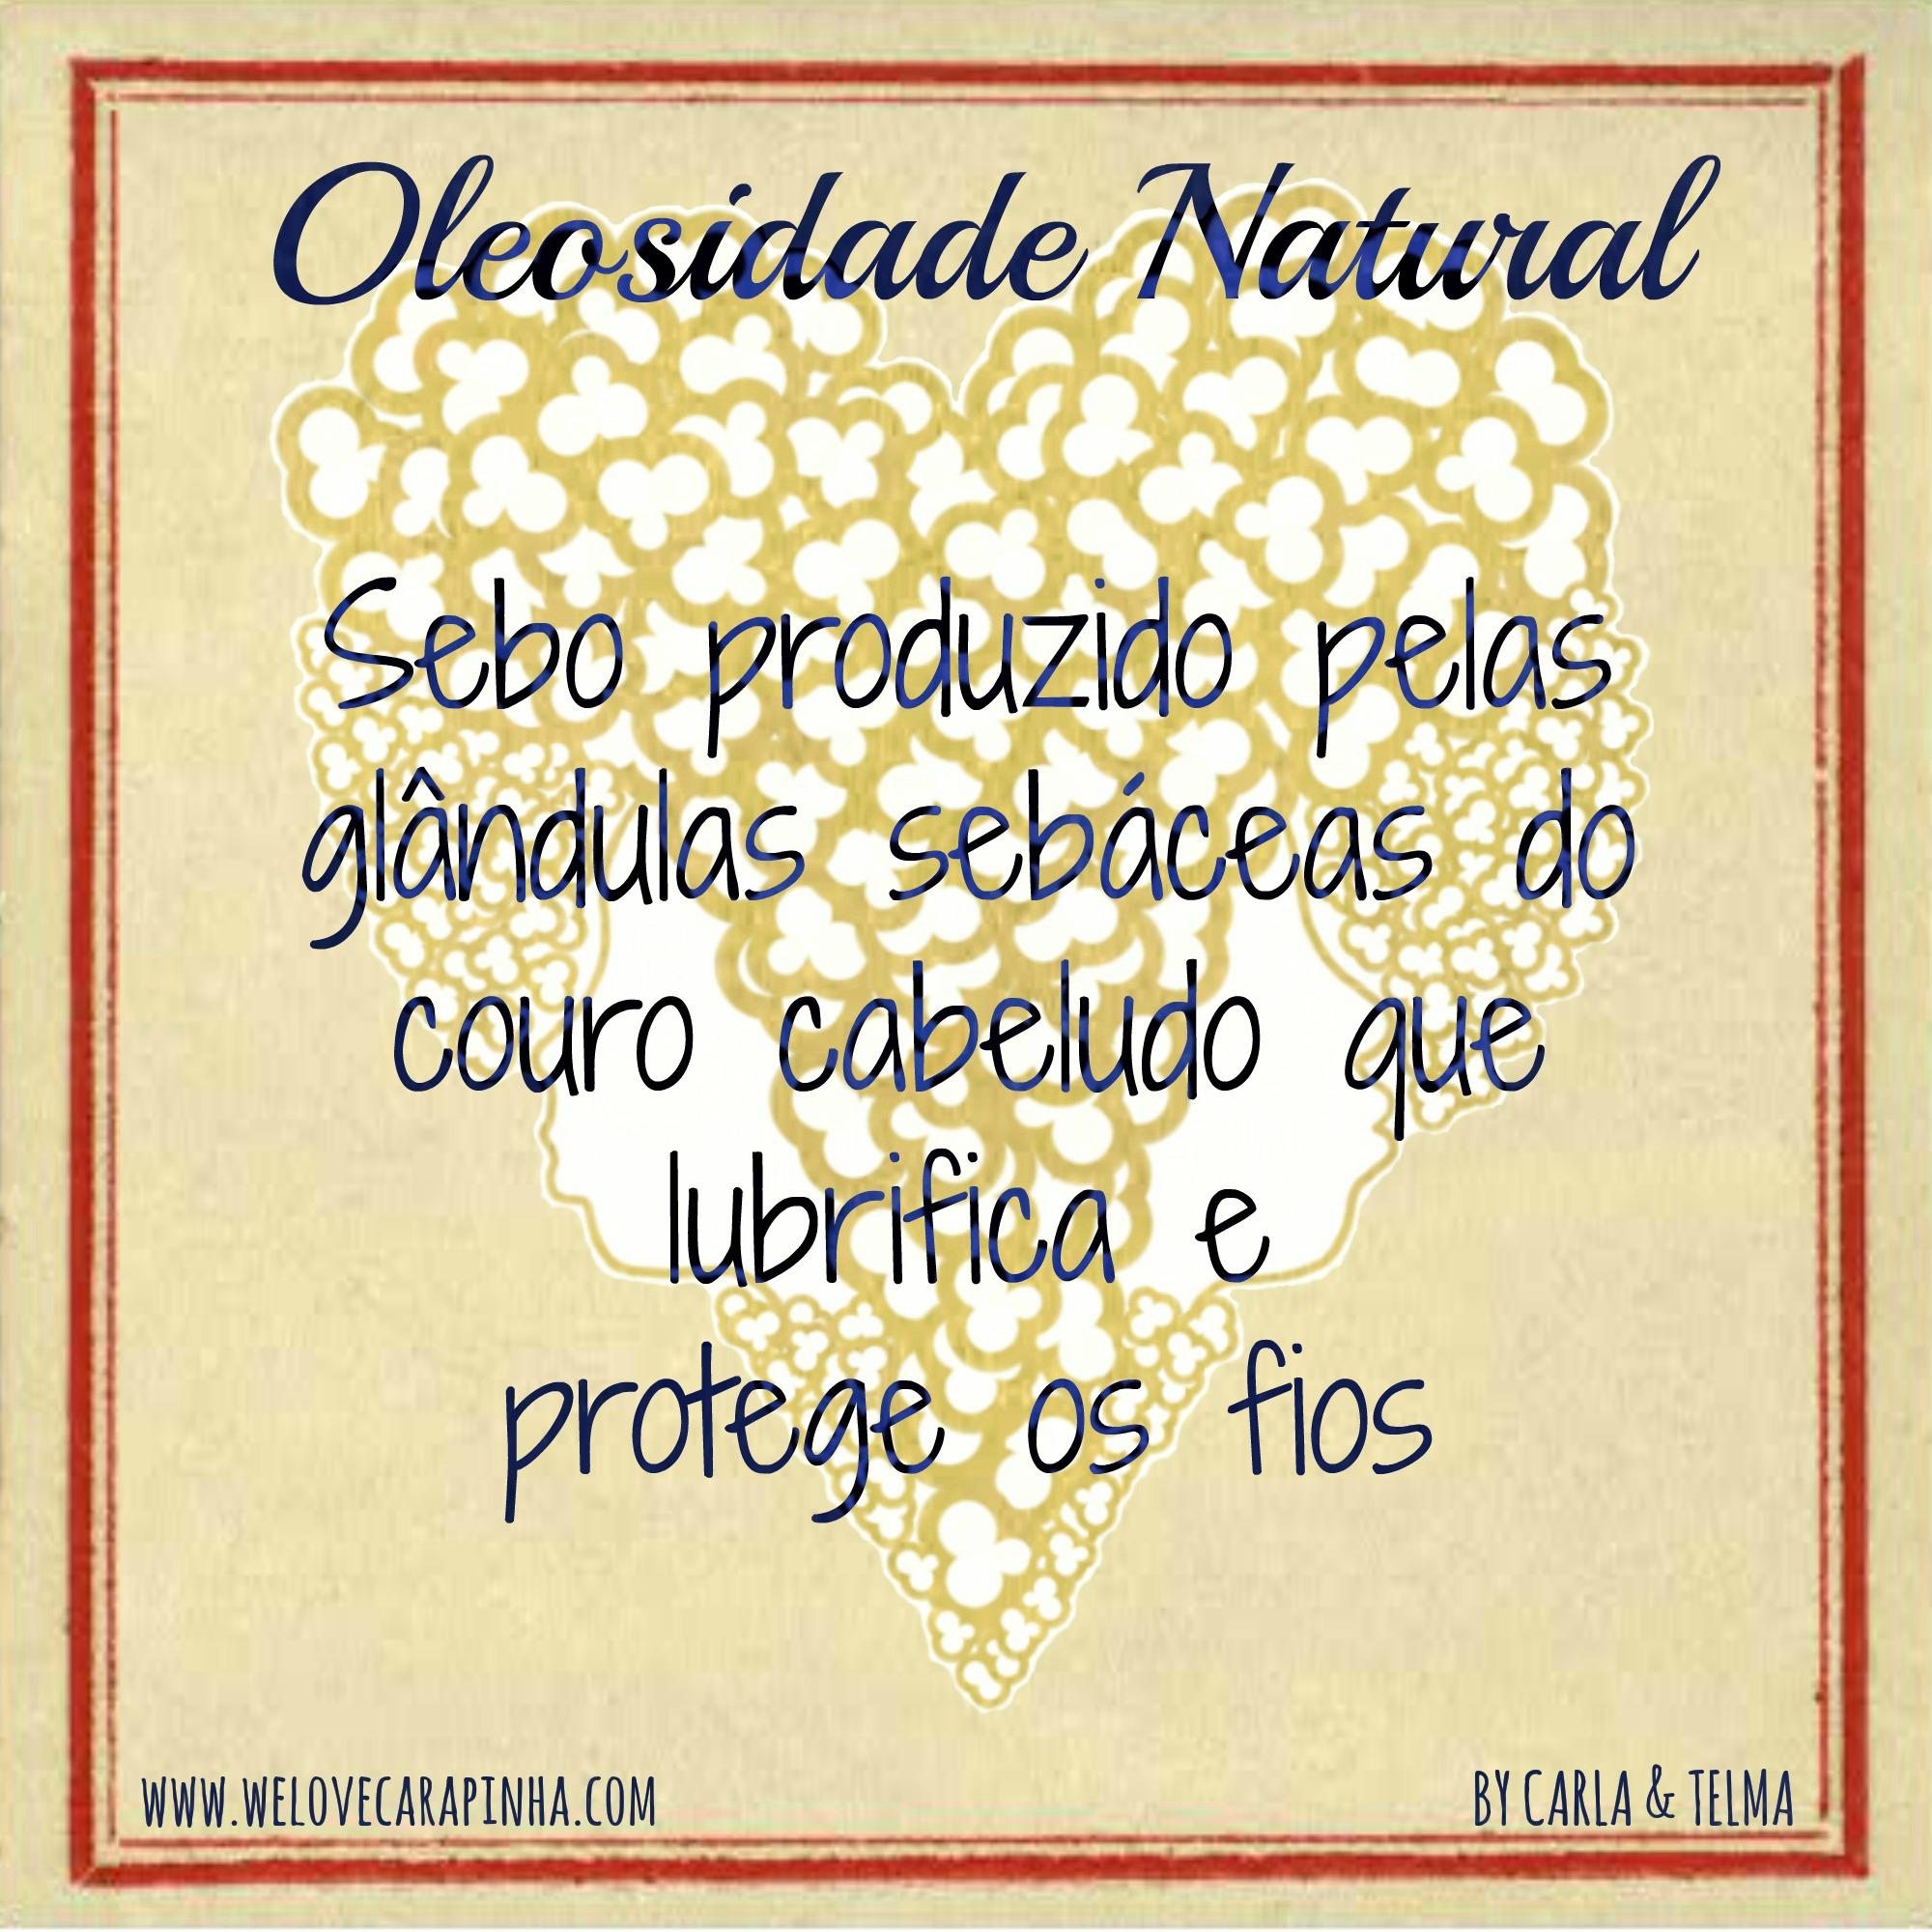 Oleosidade Natural